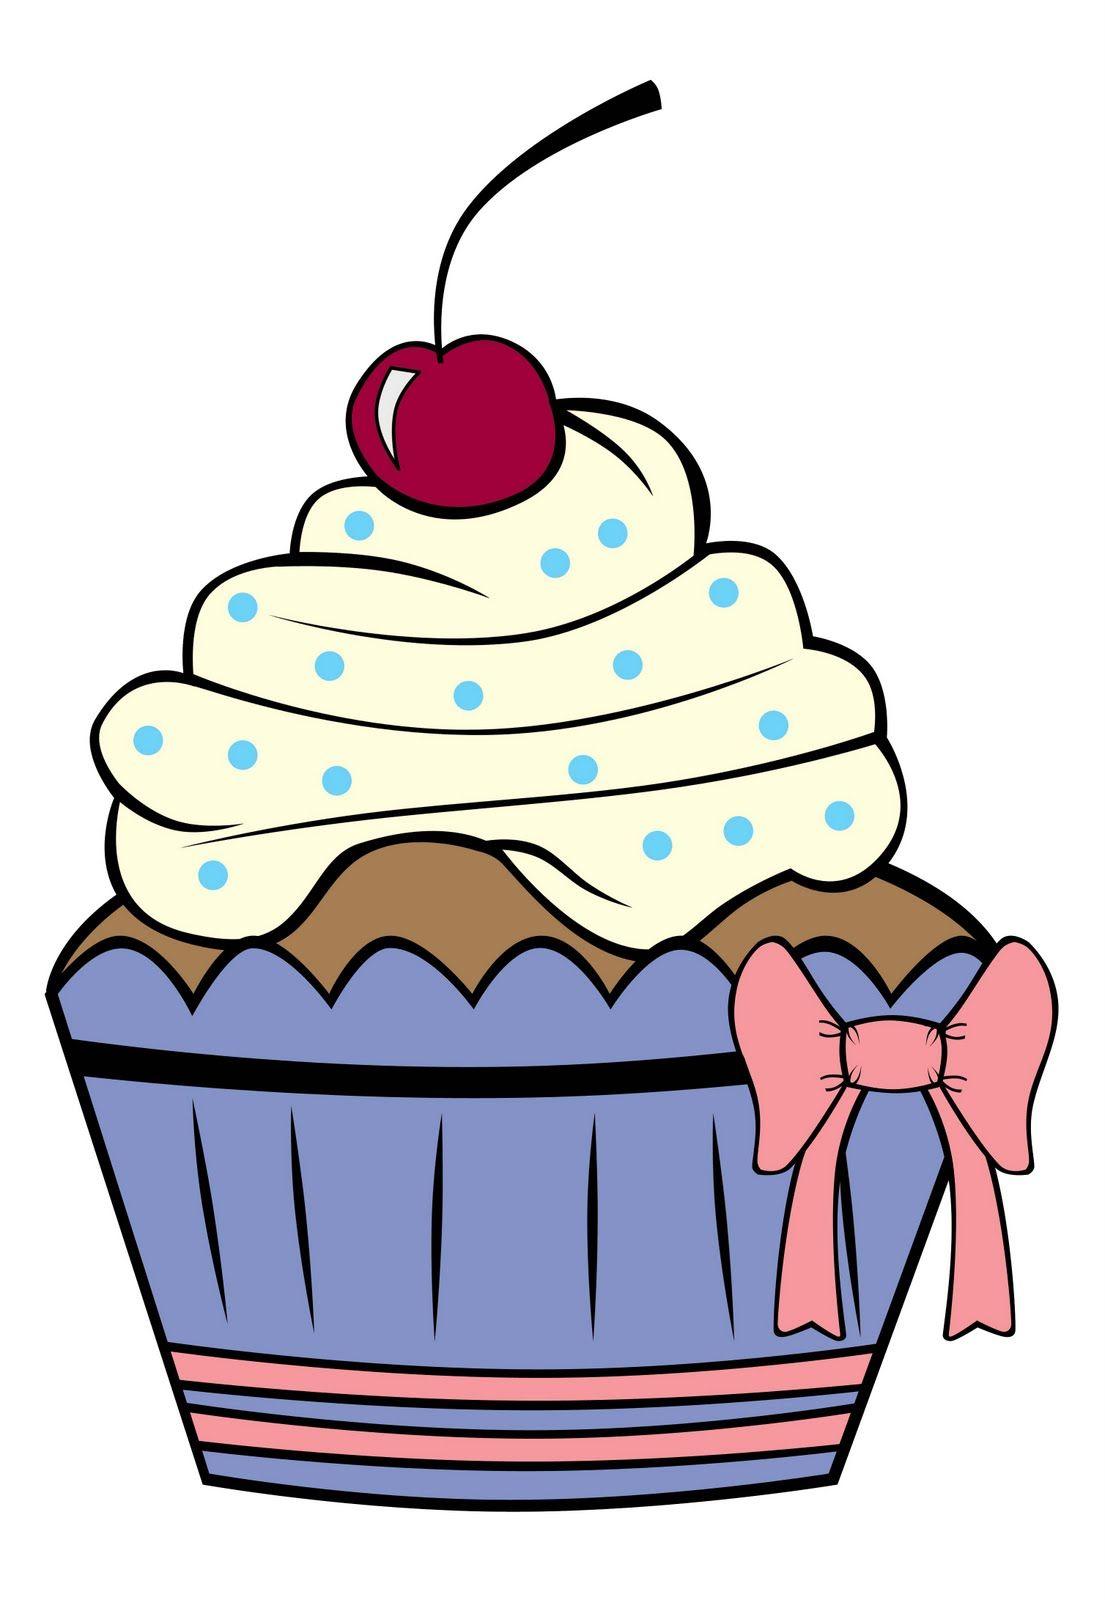 Cupcake Outline Clip Art Cartoon Cupcake Outline Cake